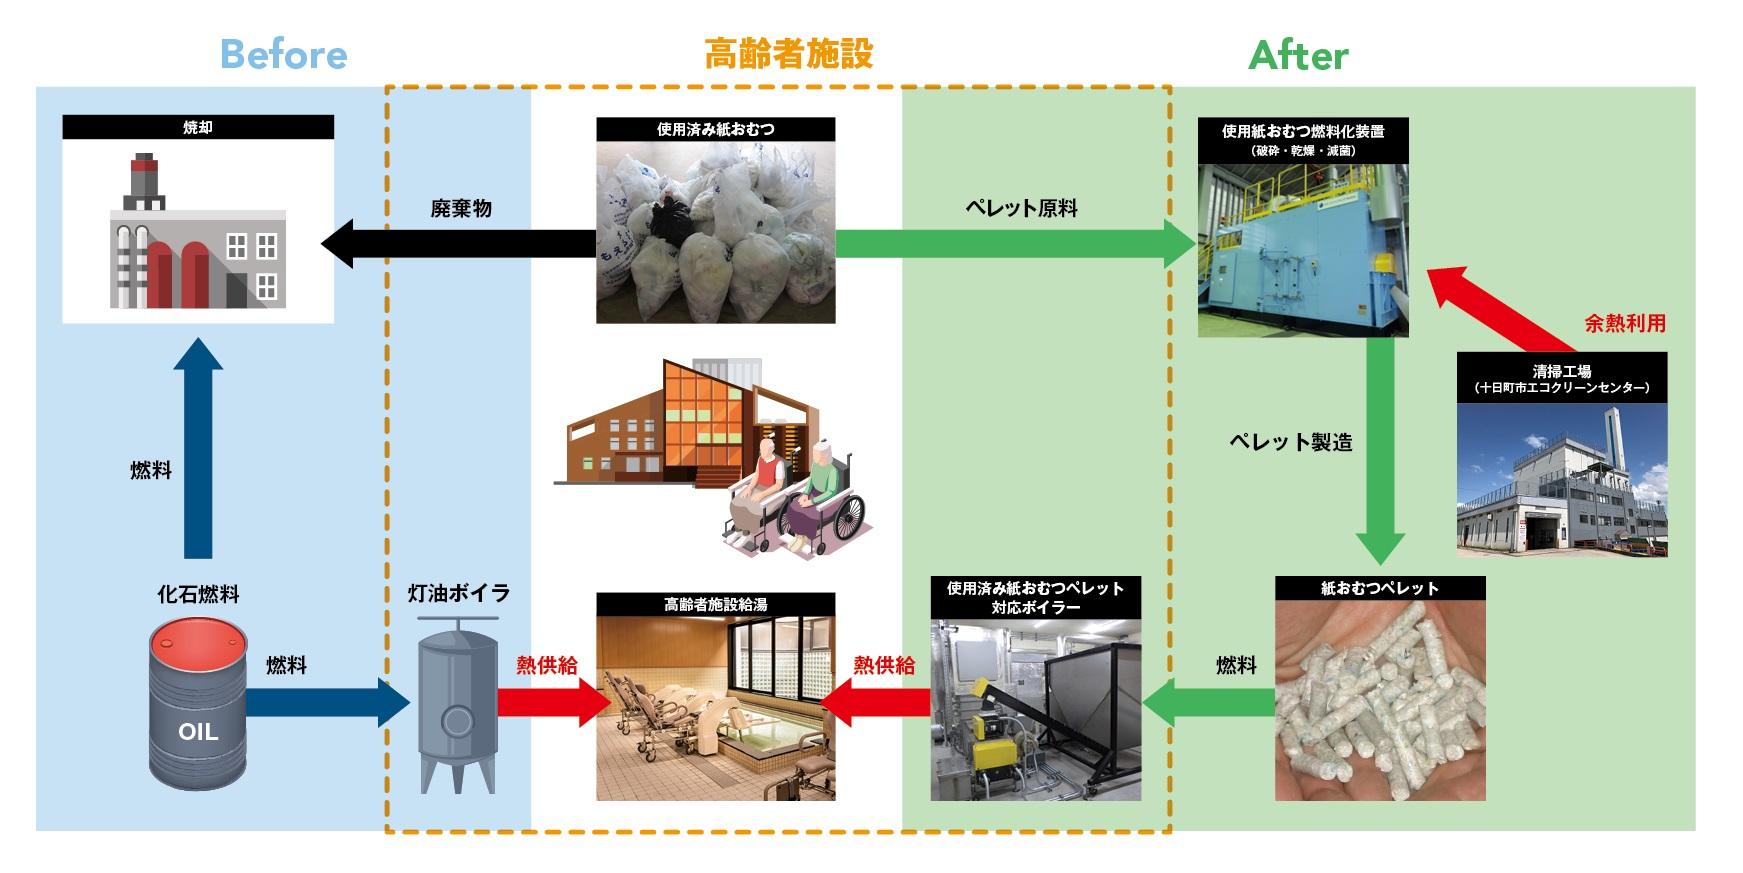 おむつリサイクル概念図.jpg